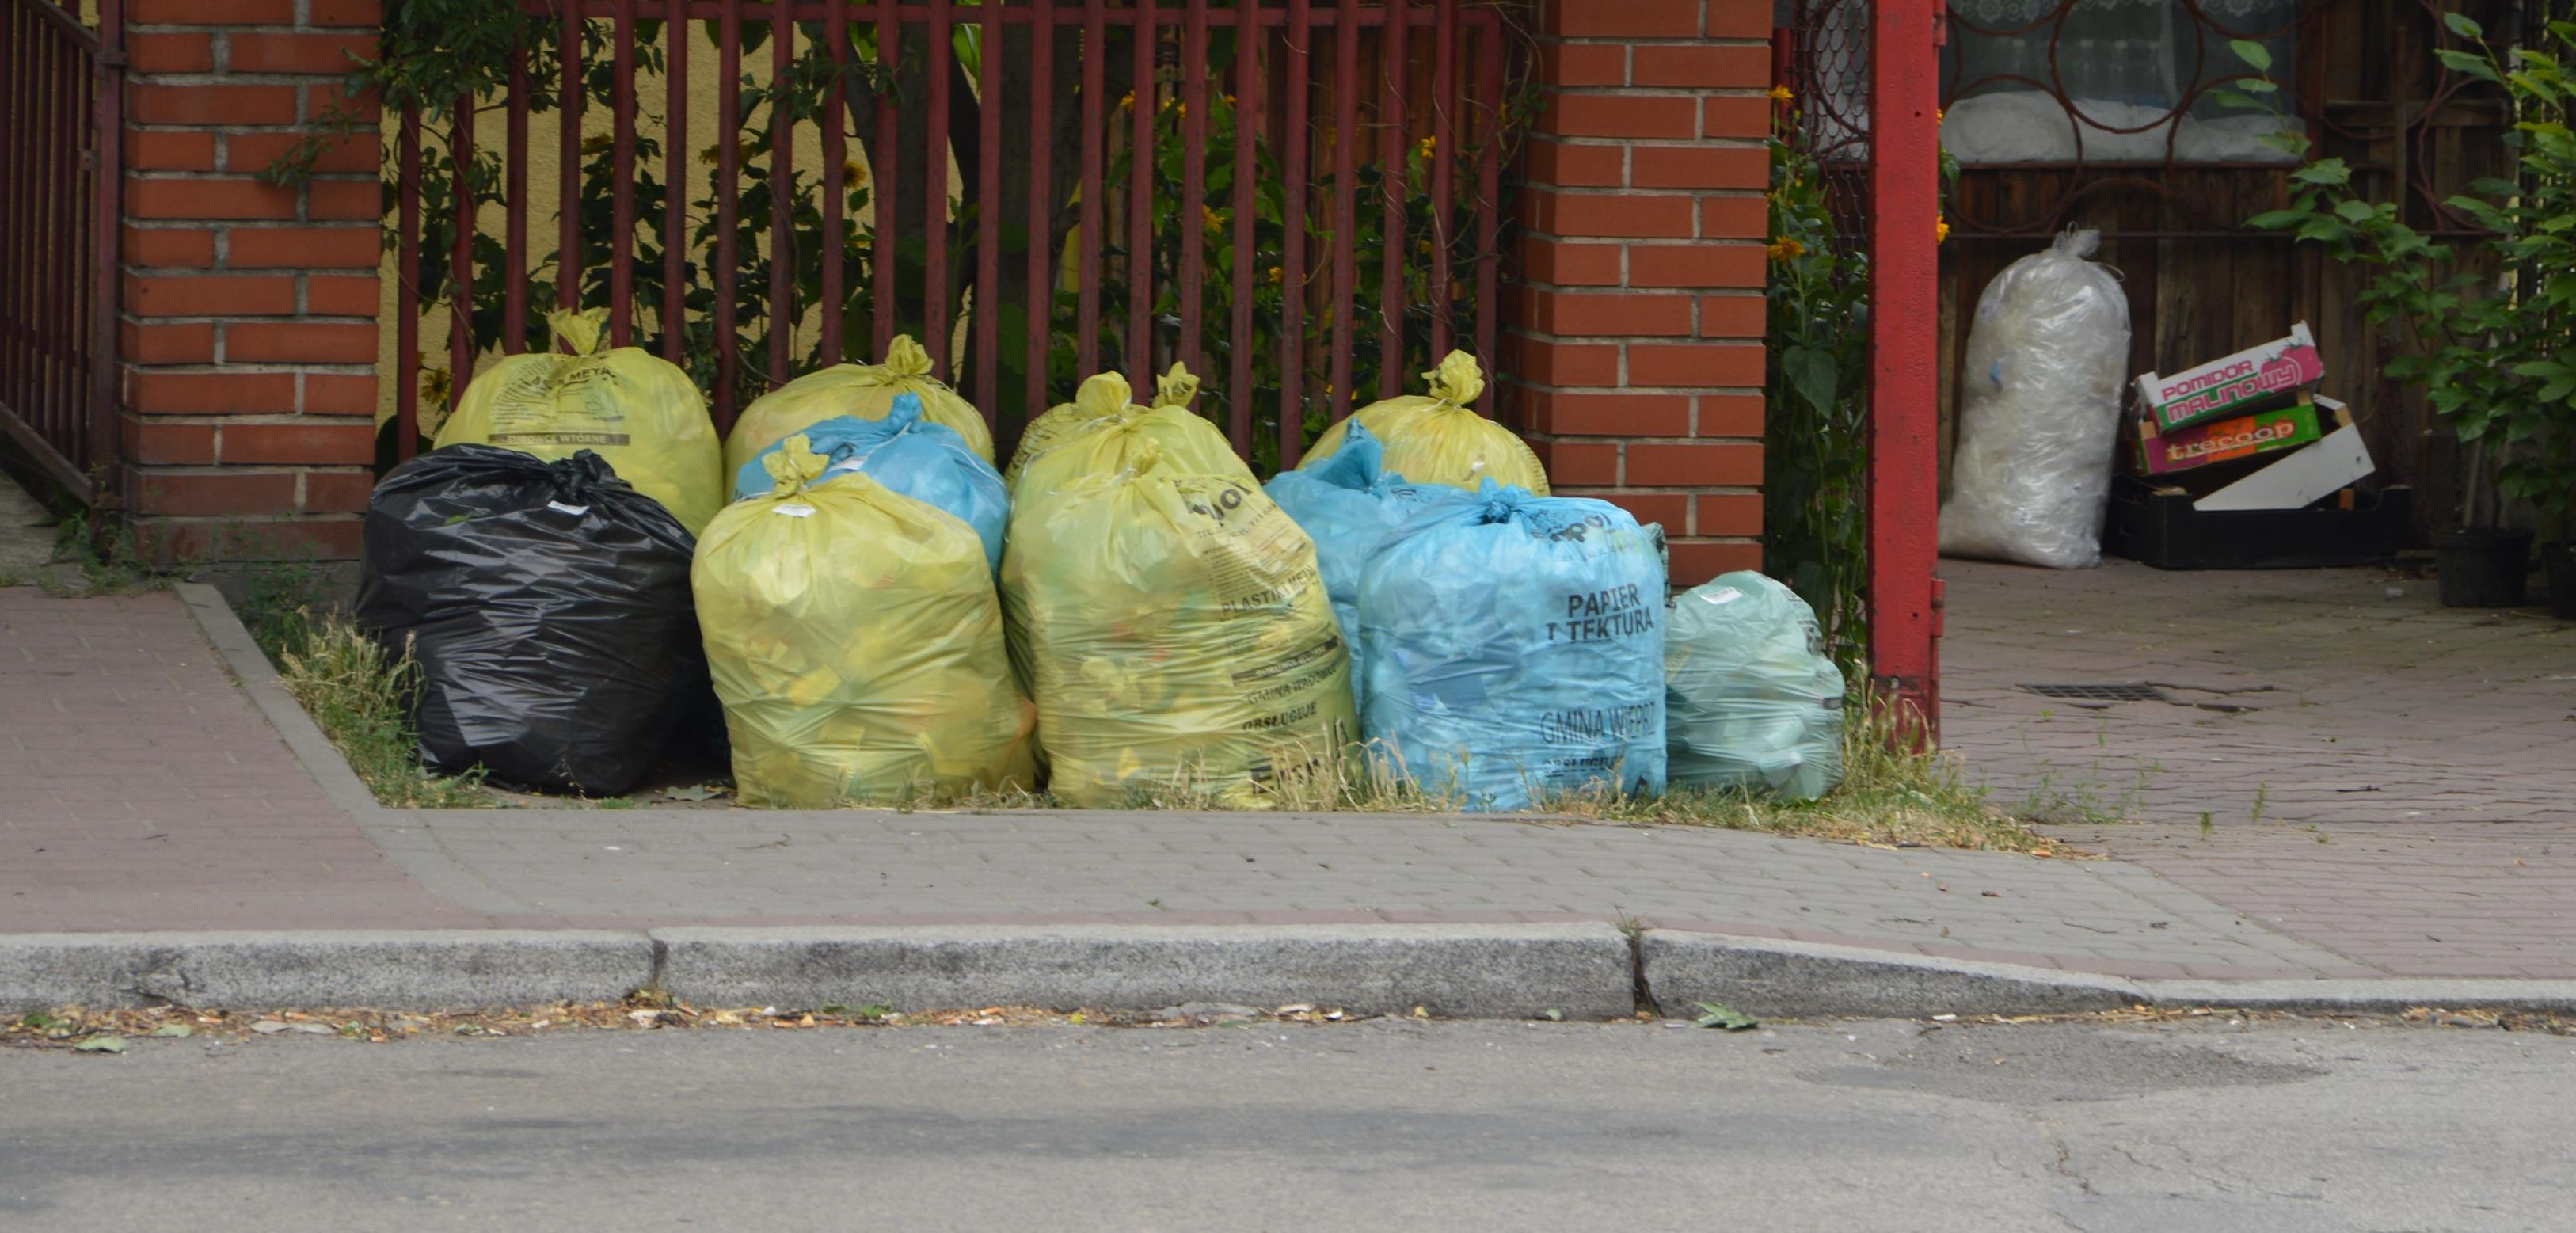 Śmieci powinny kosztować 20 zł od osoby? Po wyborach pewnie cena pójdzie w górę